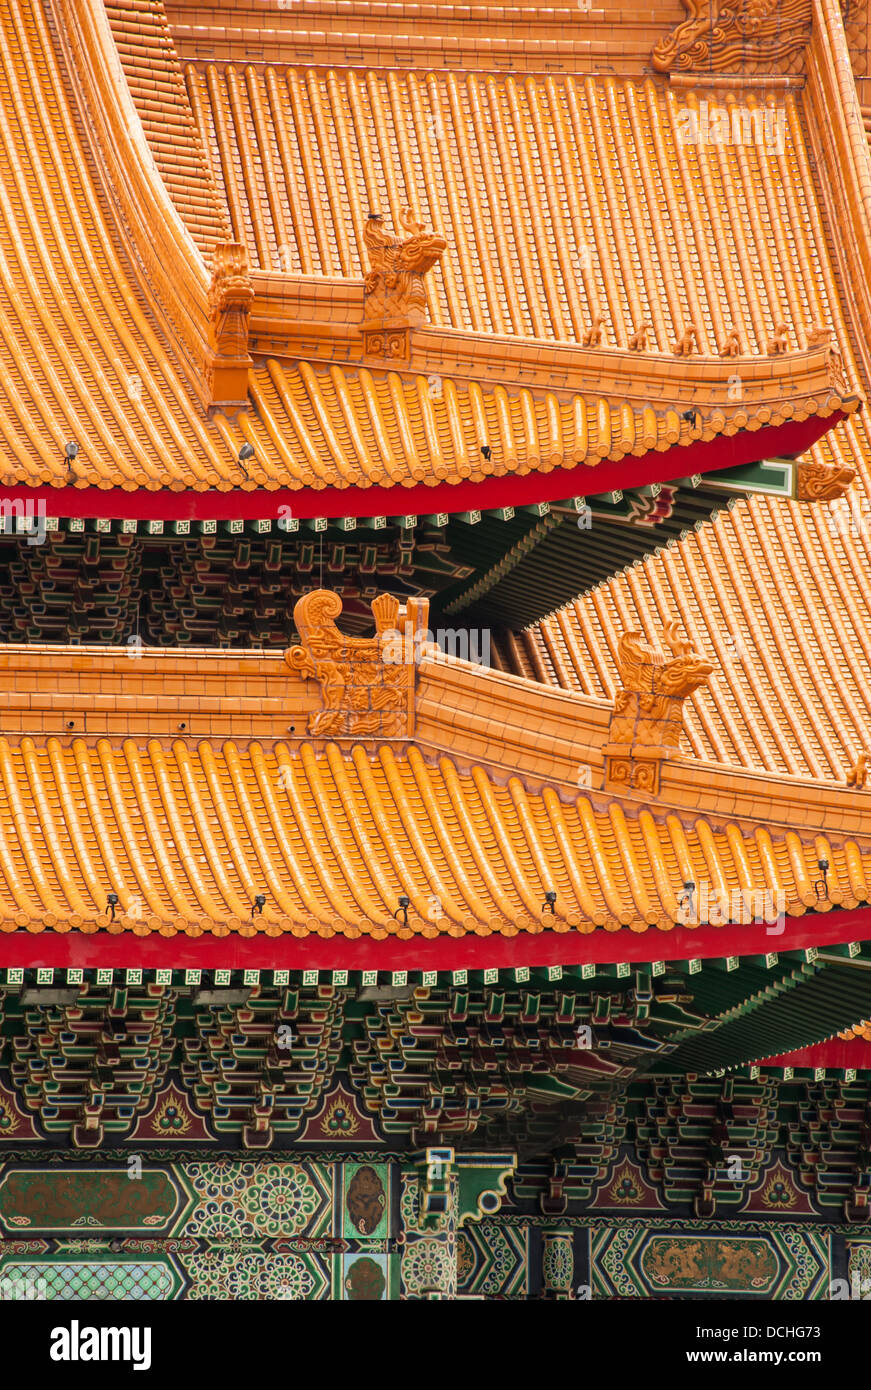 Un detalle de la ornamentación del techo del National Concert Hall en Taipei, Taiwán. Imagen De Stock